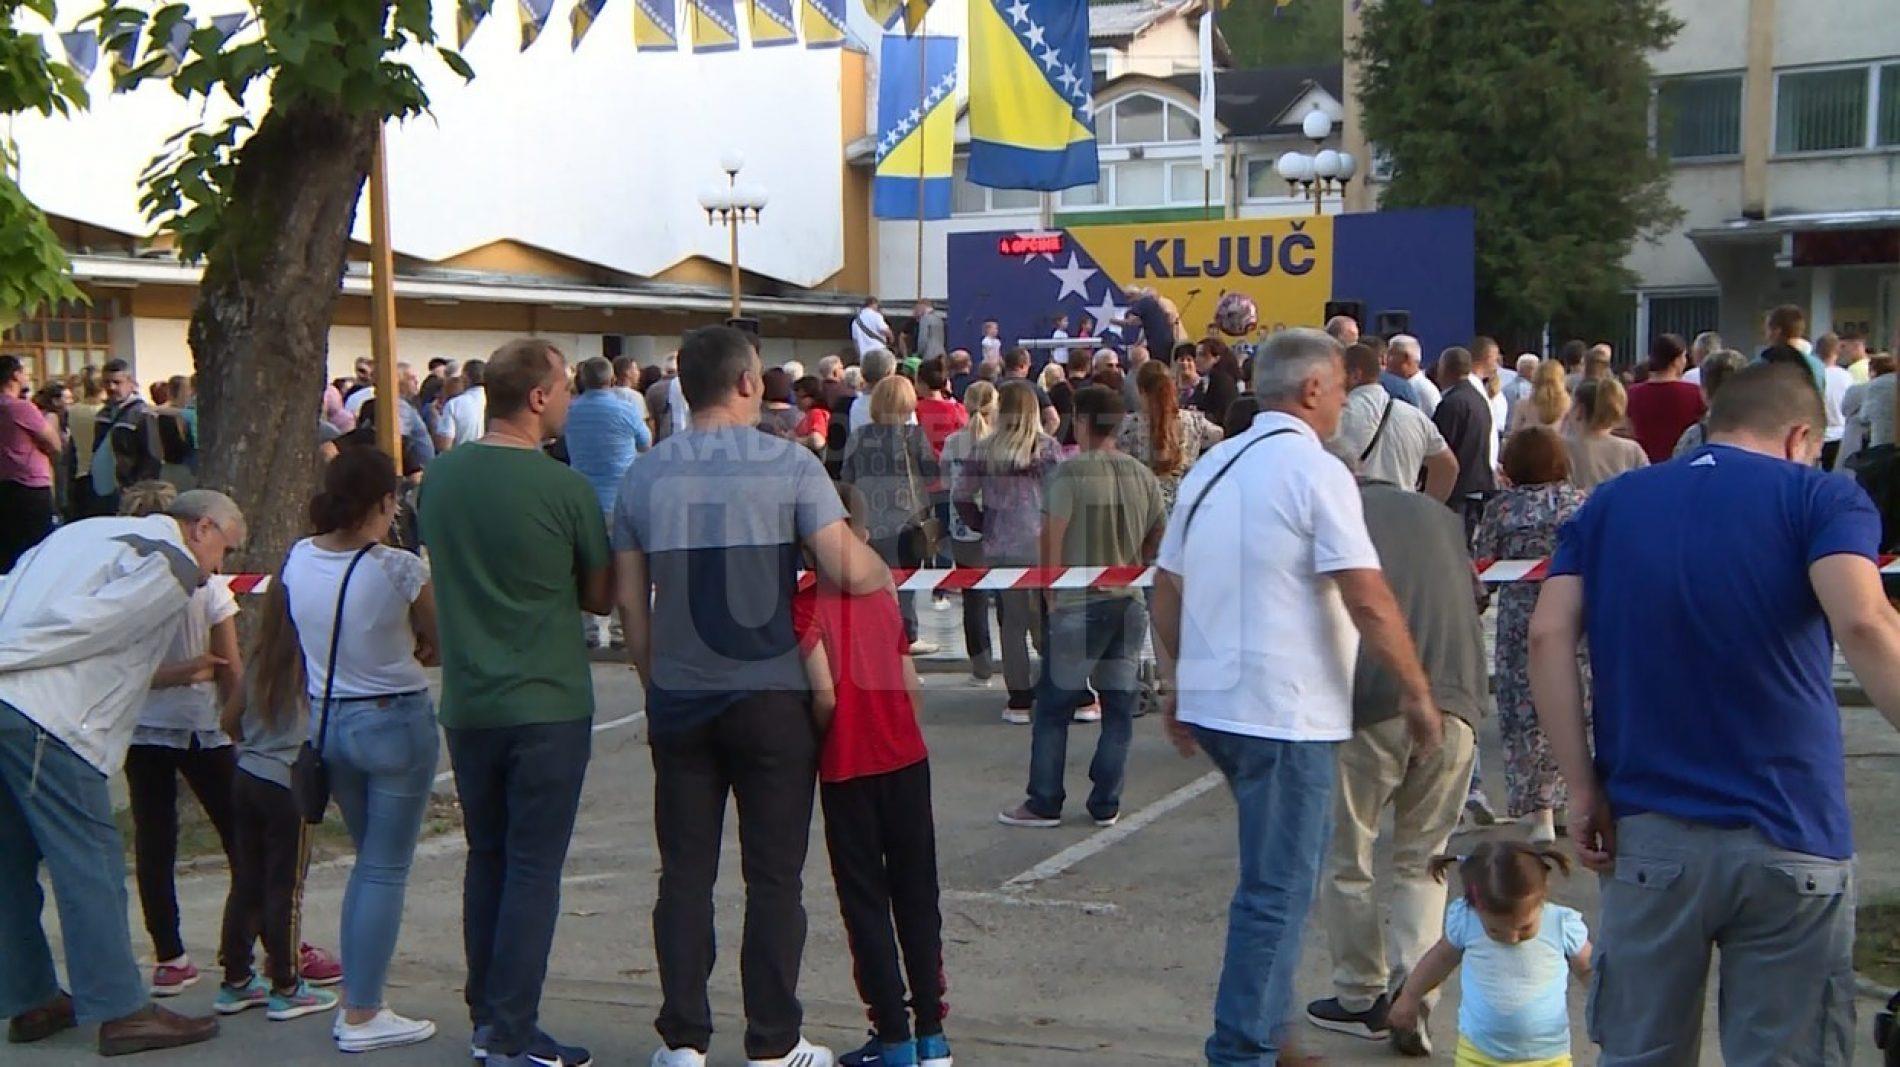 Svečano obilježen Dan Općine i oslobođenje bosanskog kraljevskog grada Ključa